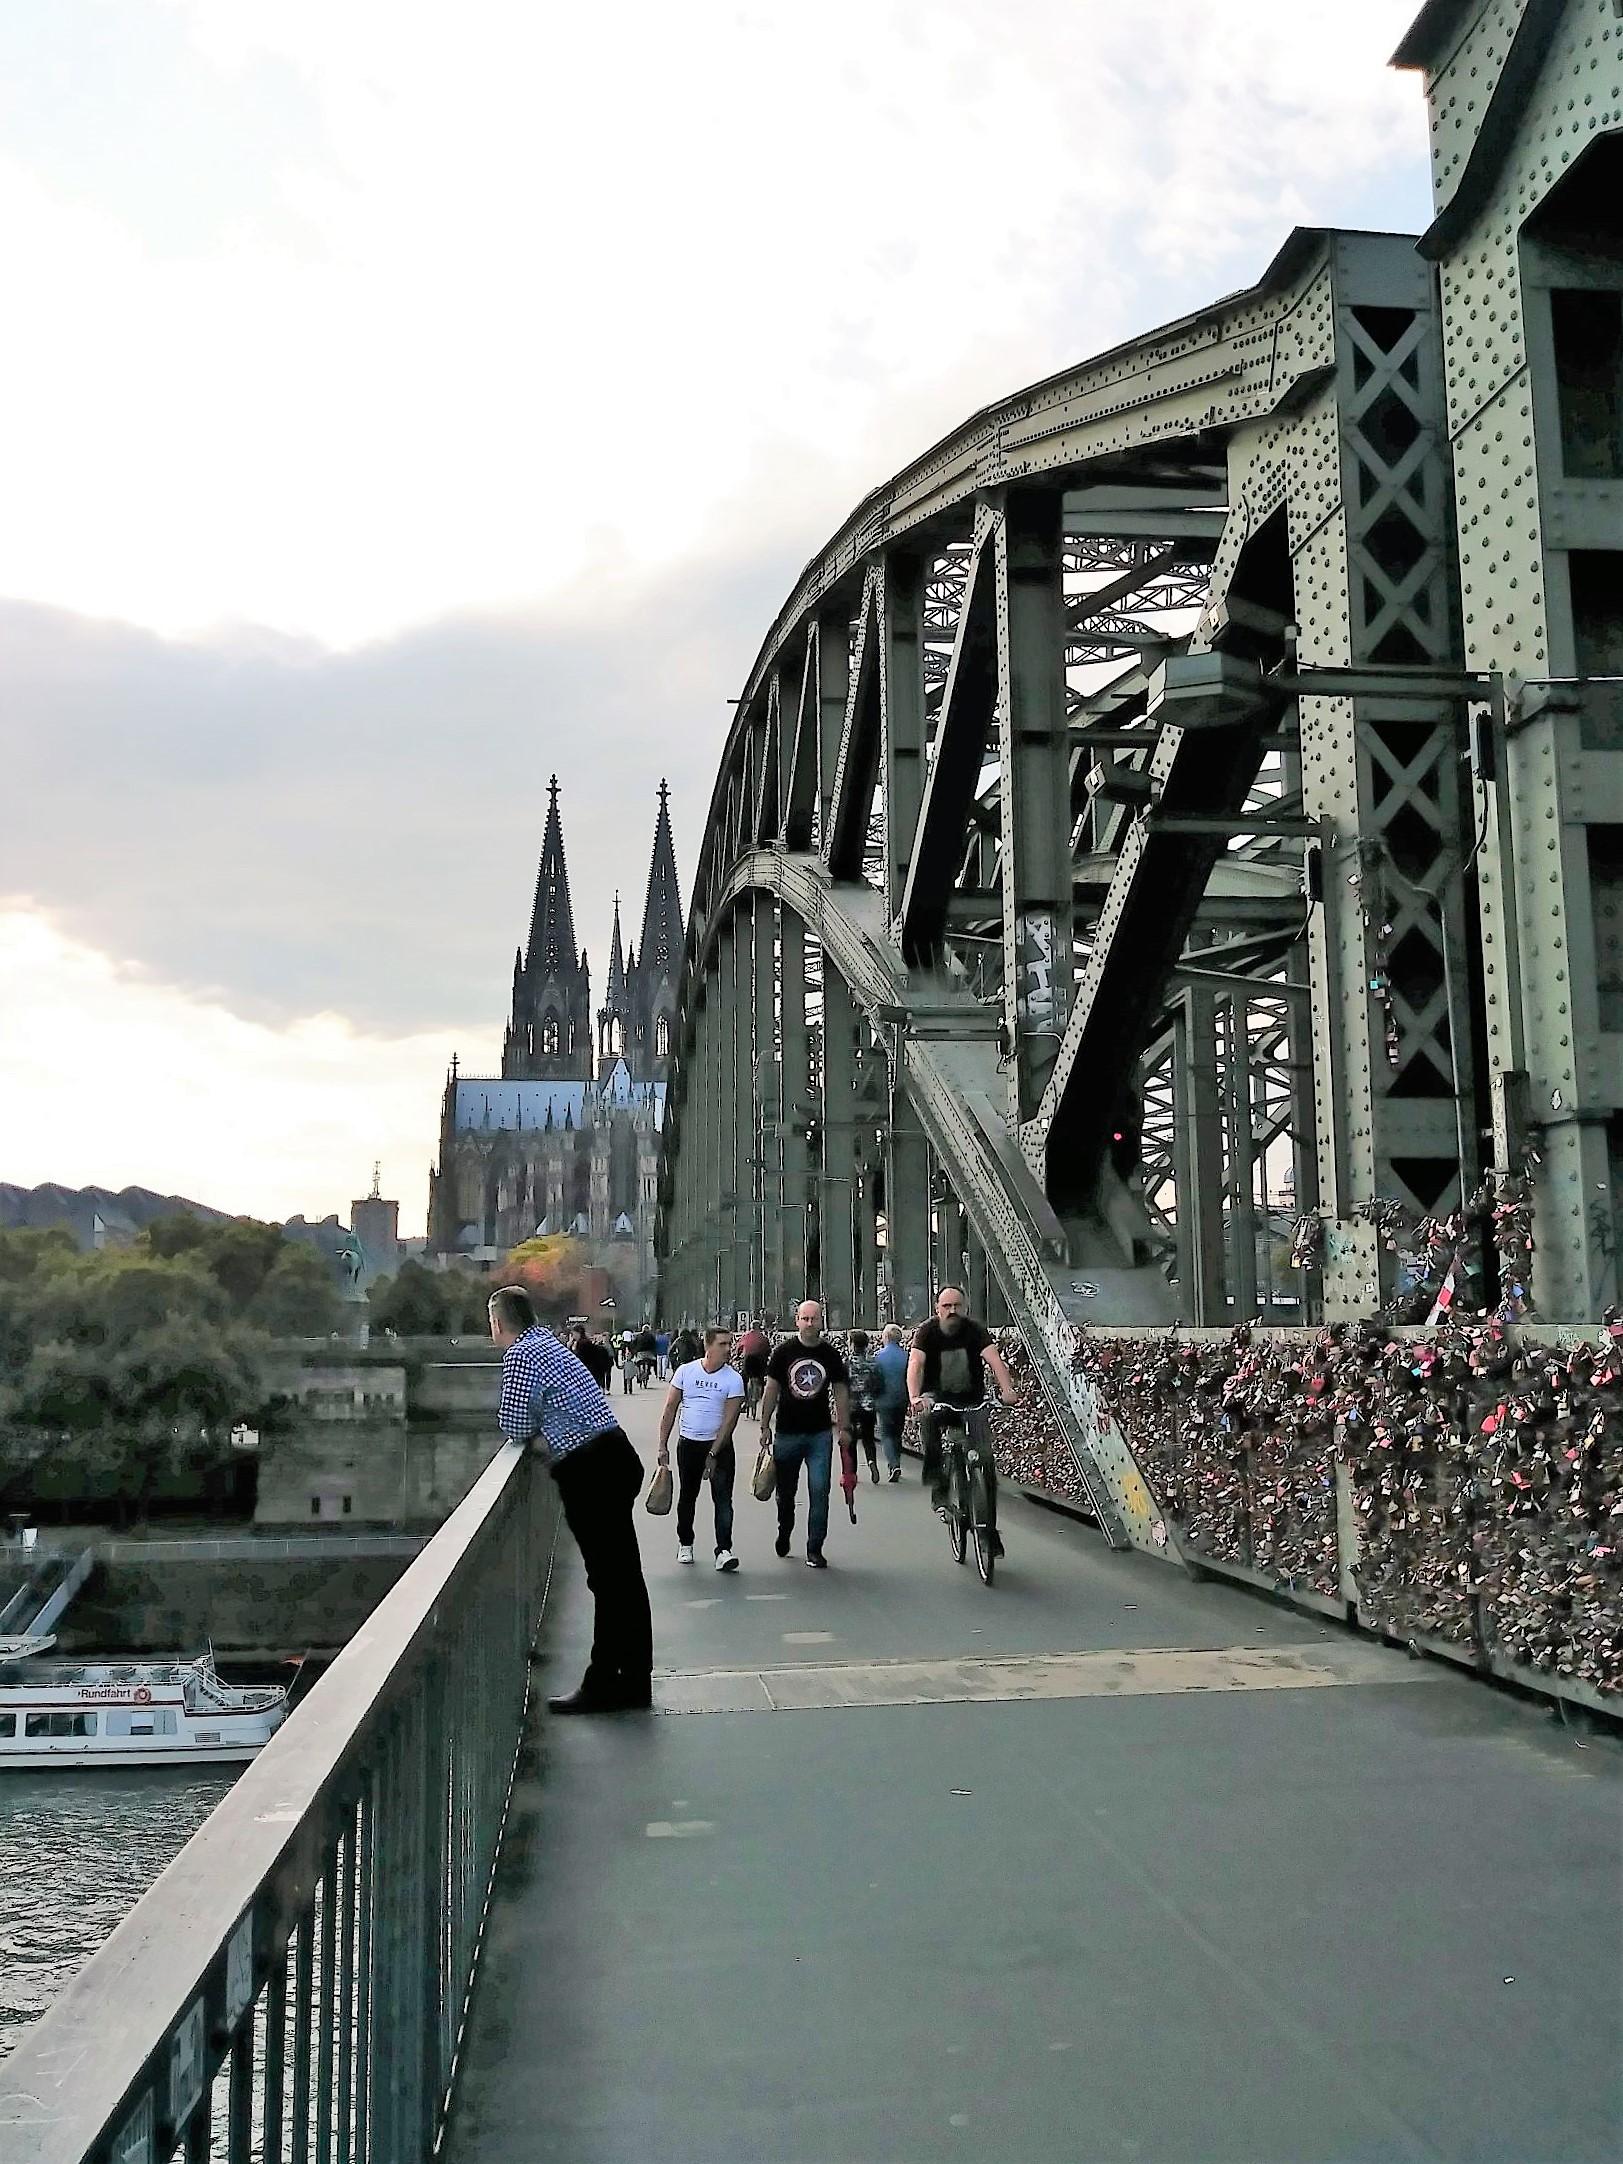 橋的外側為行人與自行車專用道